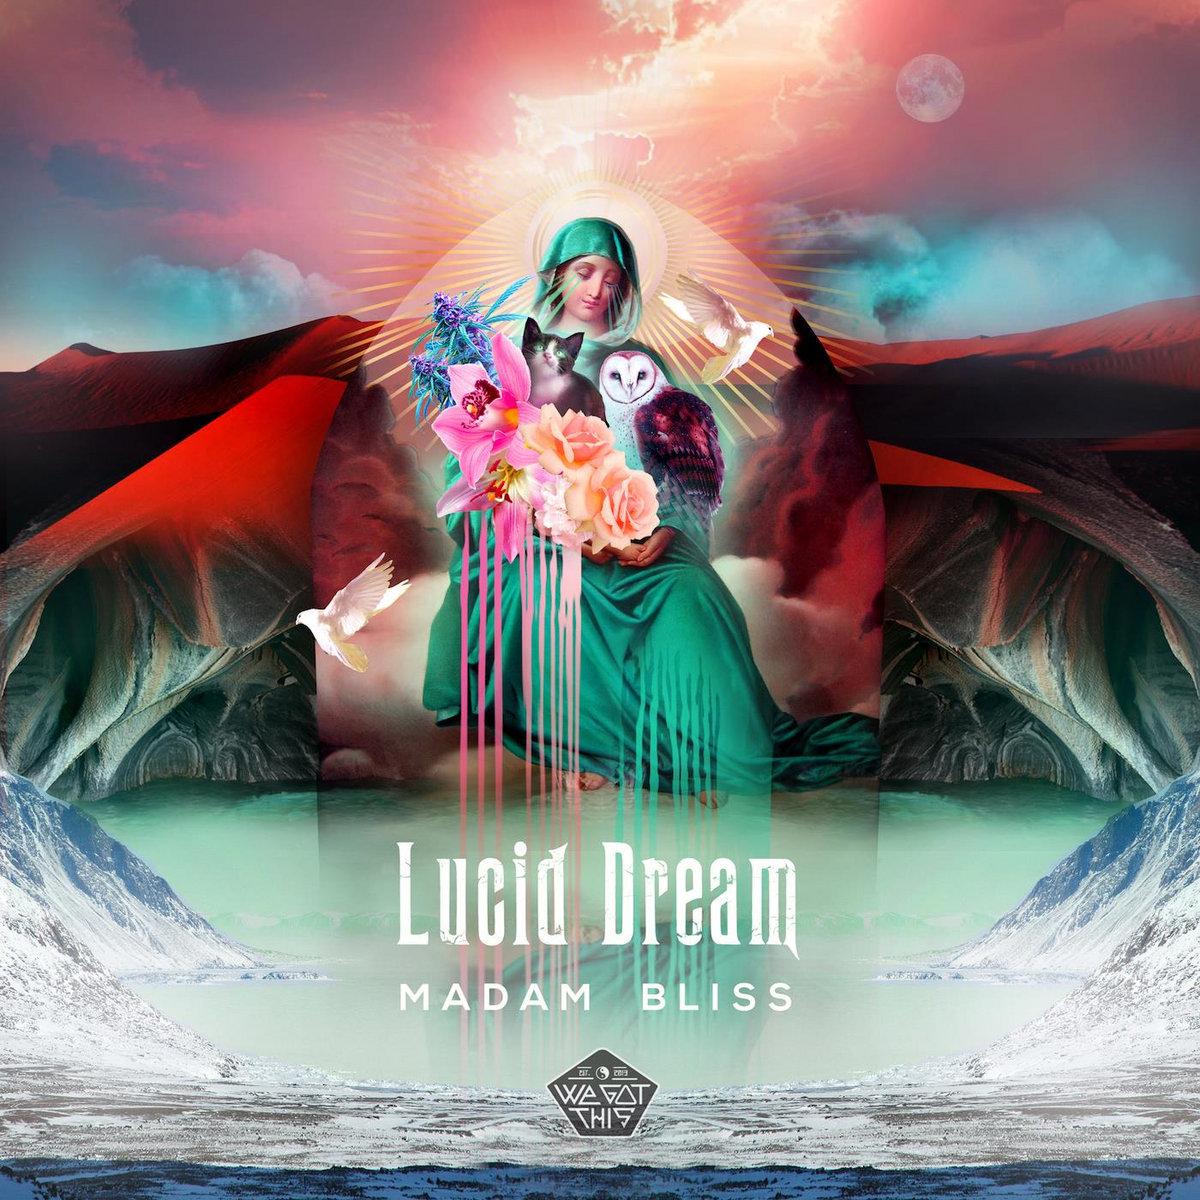 lucid dreams mp3 download soundcloud